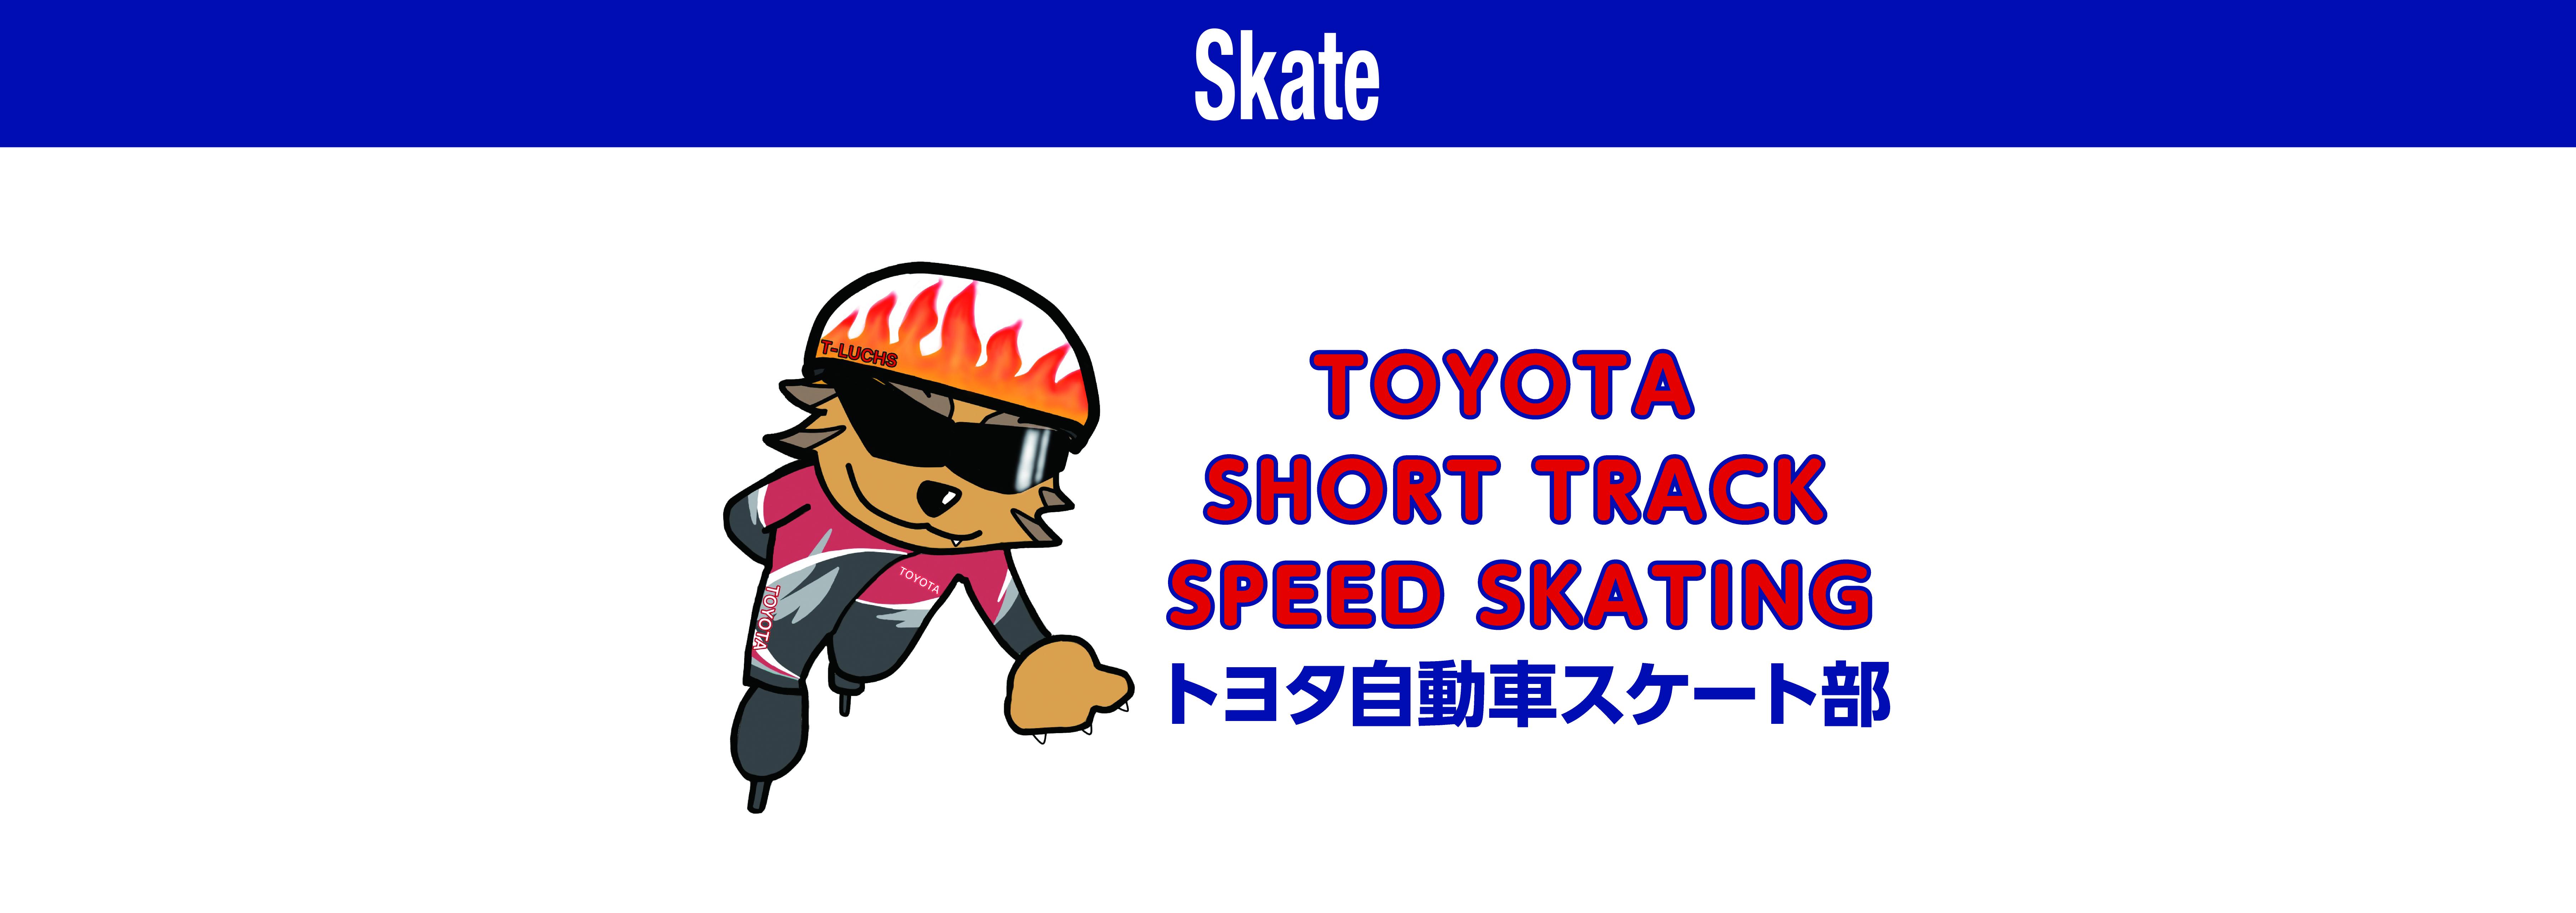 トヨタ自動車スケート部オフィシャルHP